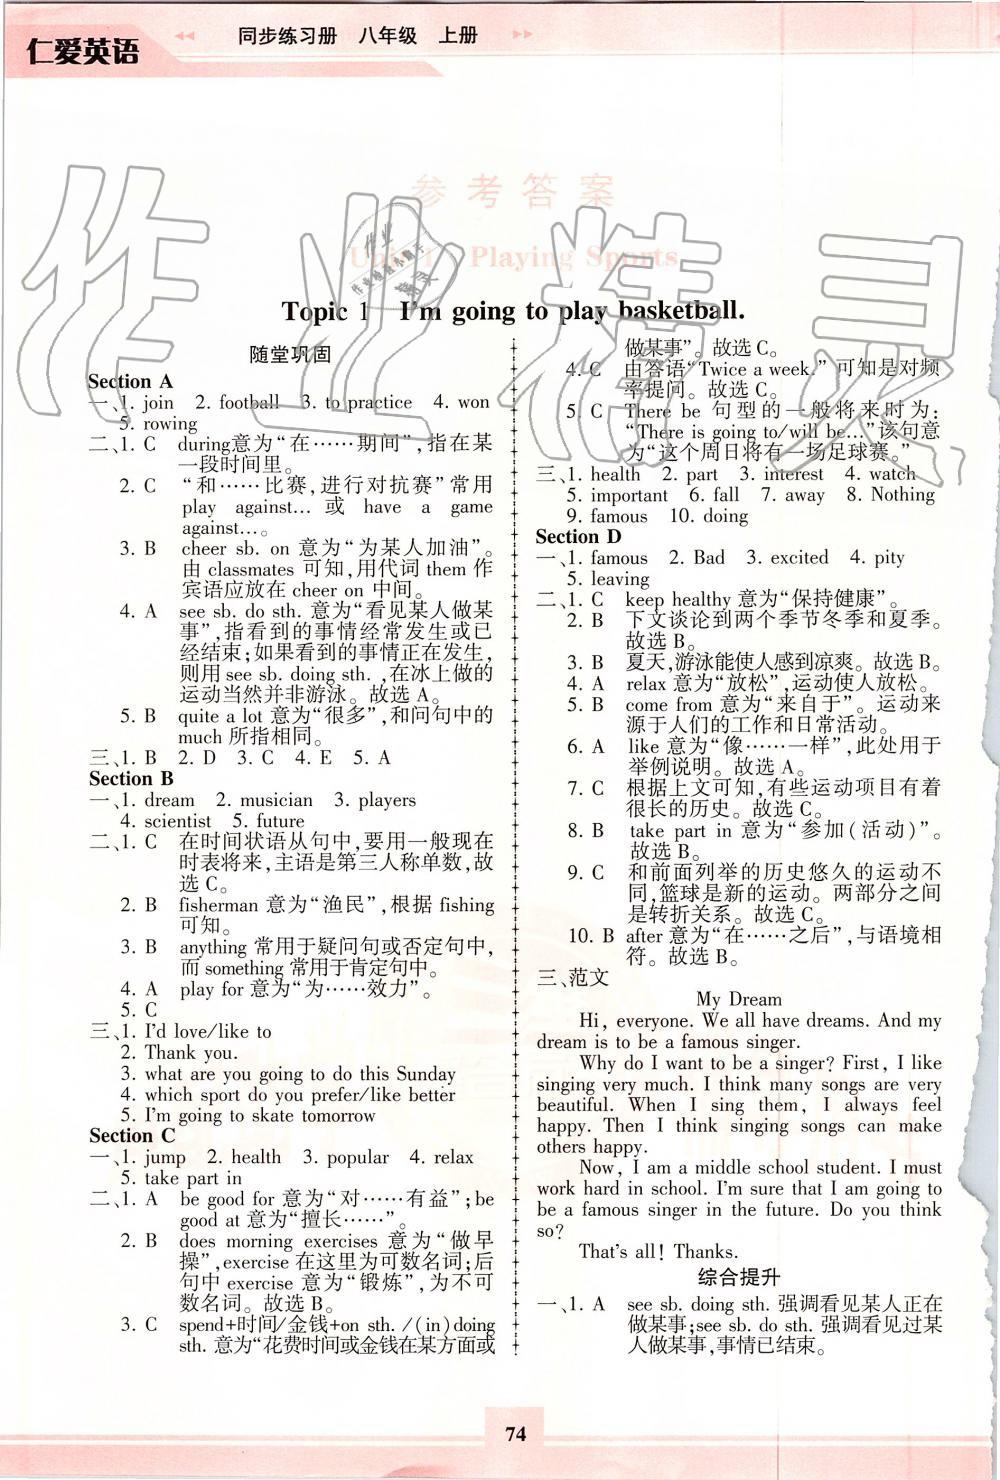 2019年仁爱英语同步练习册八年级上册仁爱版福建专版第1页